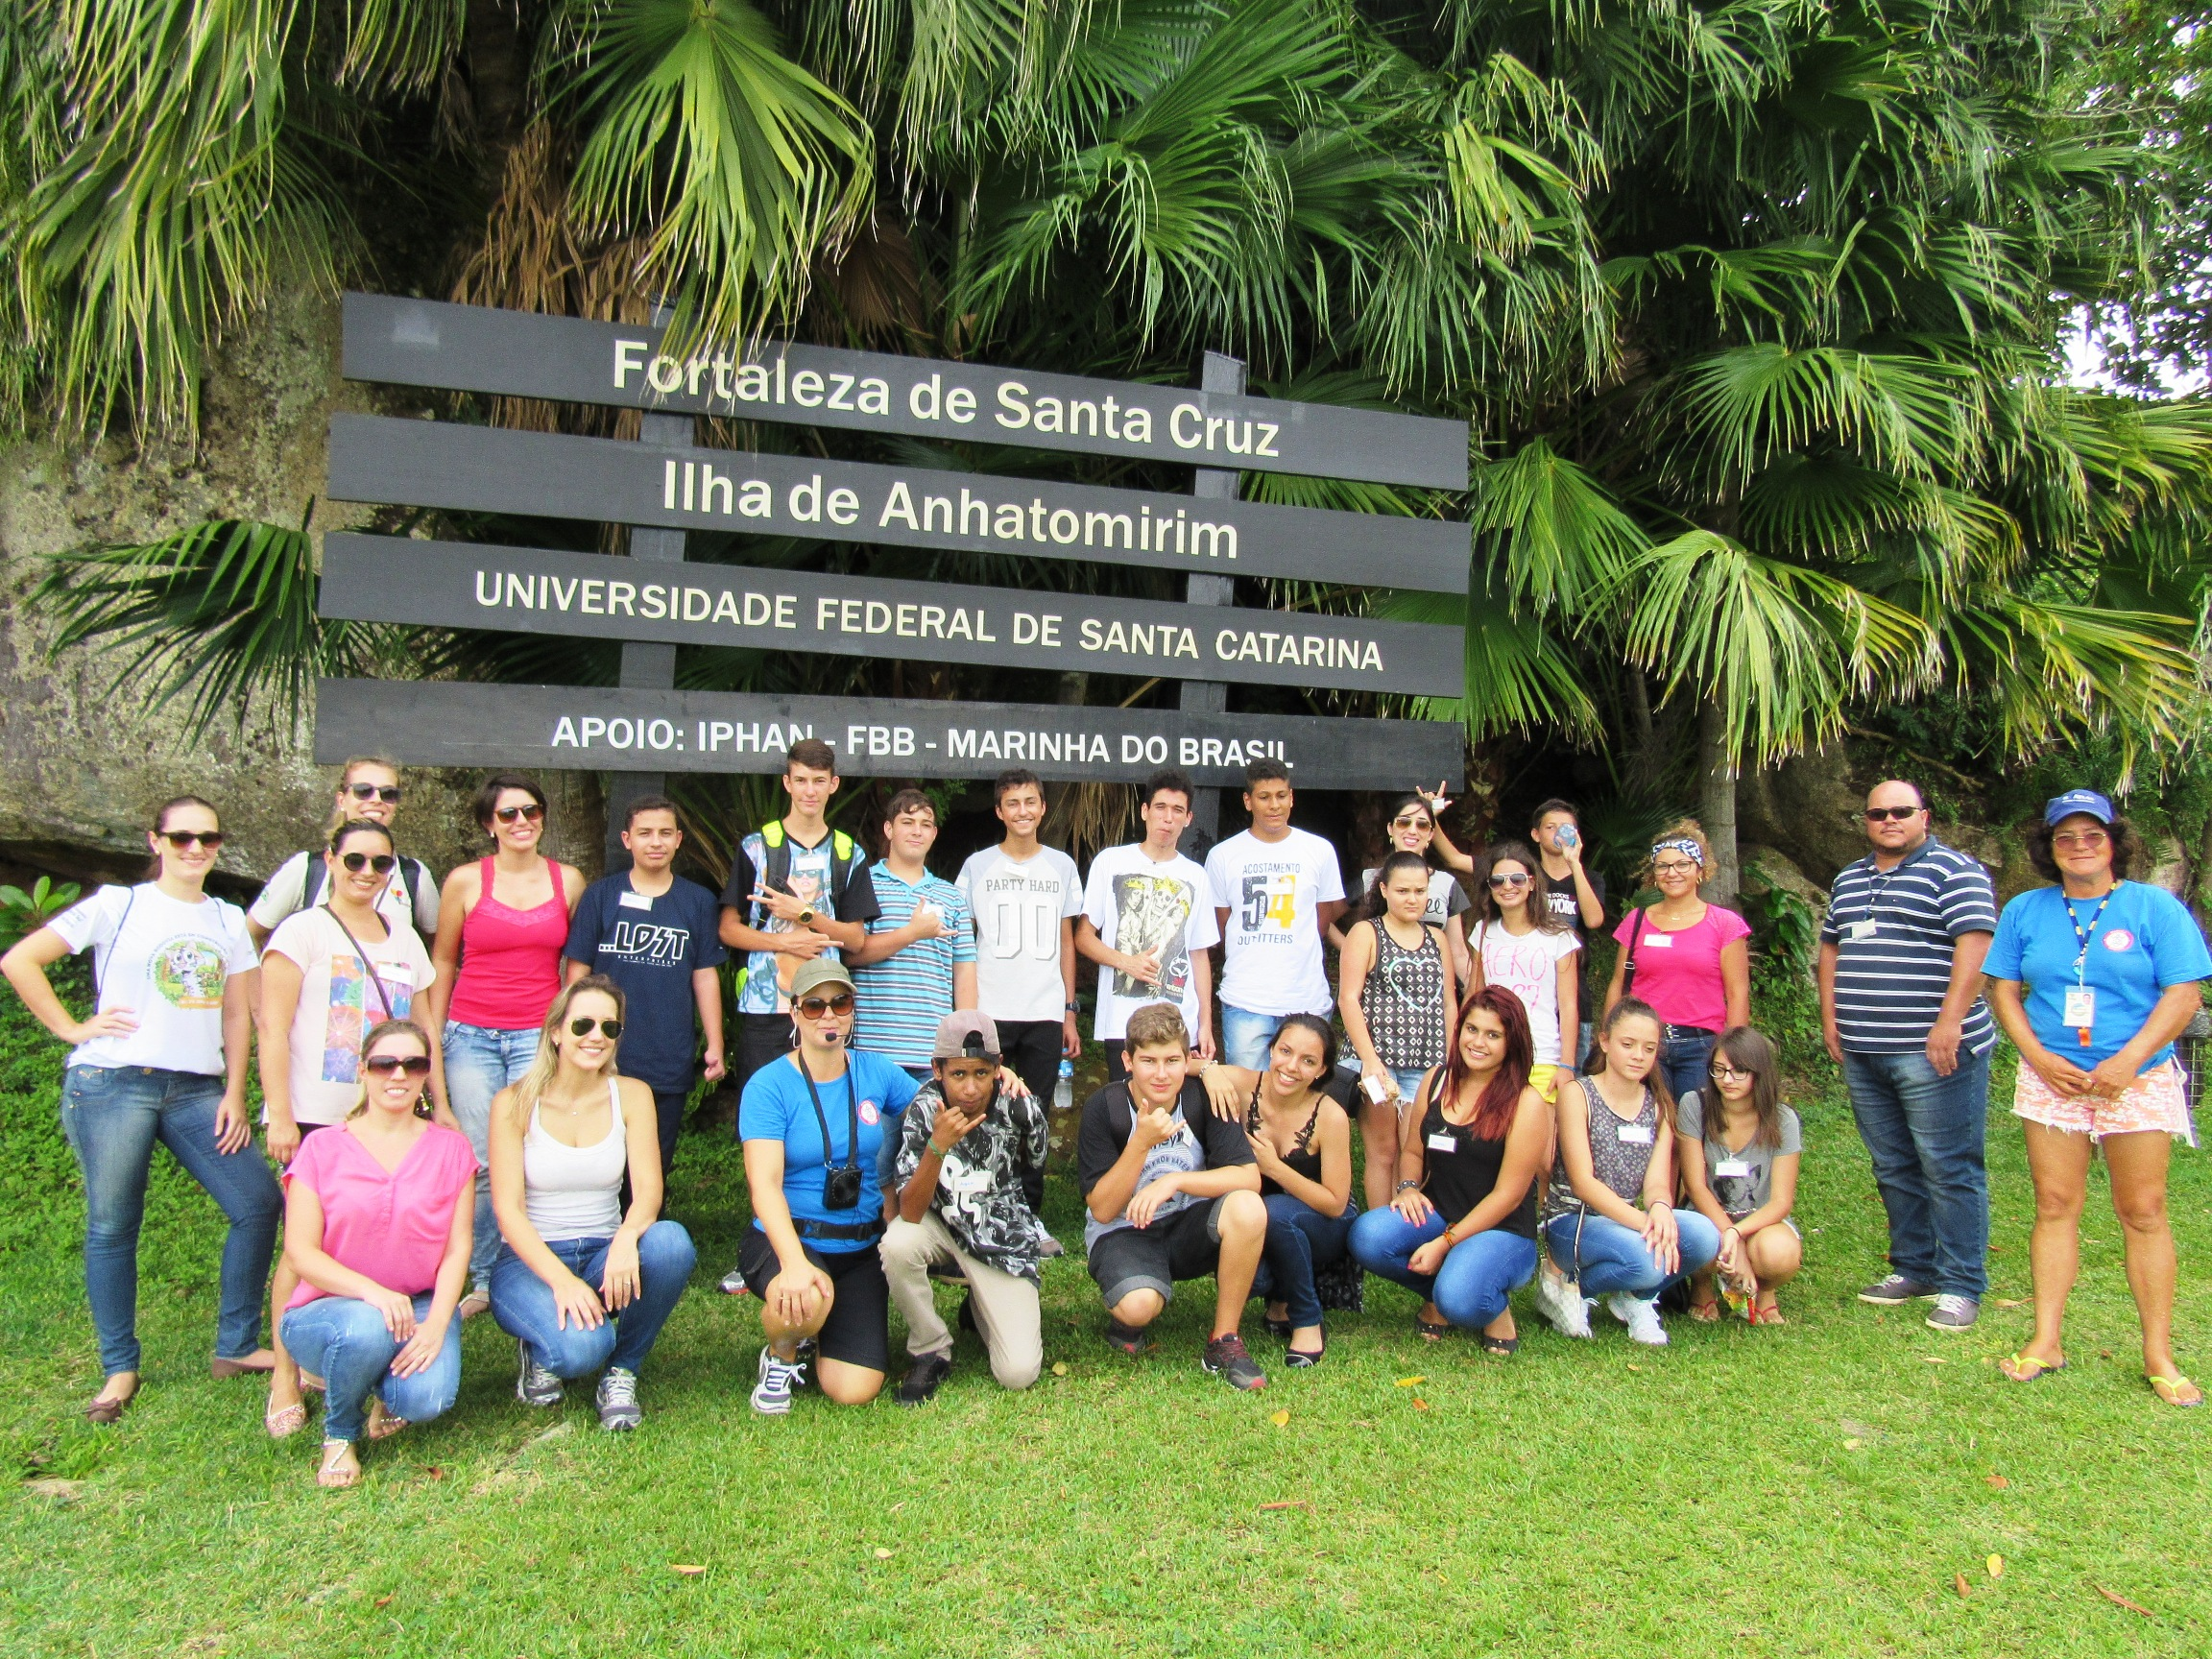 ESTUDANTES DE SÃO JOSÉ SÃO PREMIADOS PELA AUTOPISTA COM PASSEIO EDUCATIVO À FORTALEZA DE ANHATOMIRIM